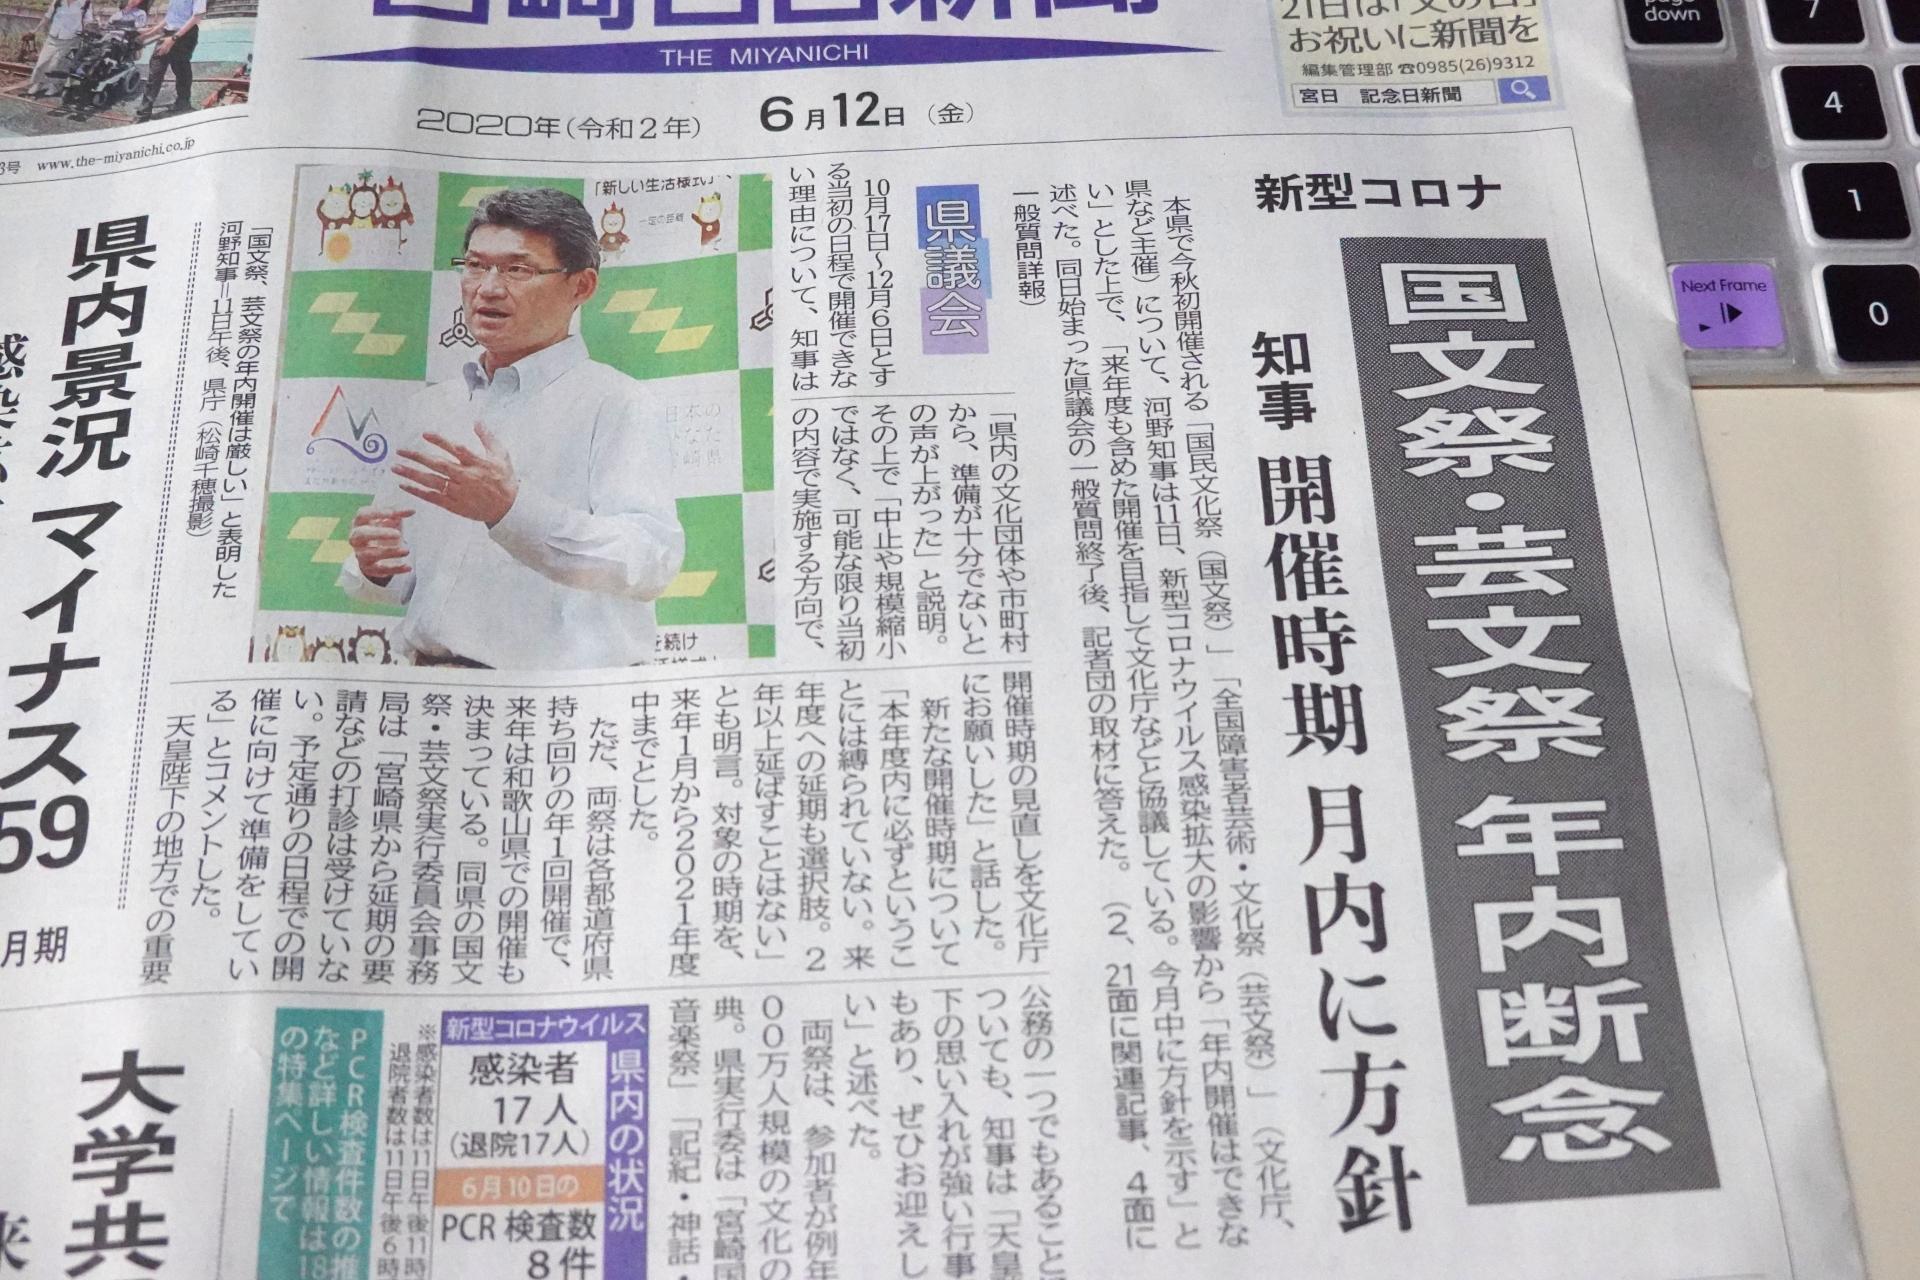 今日の宮日新聞